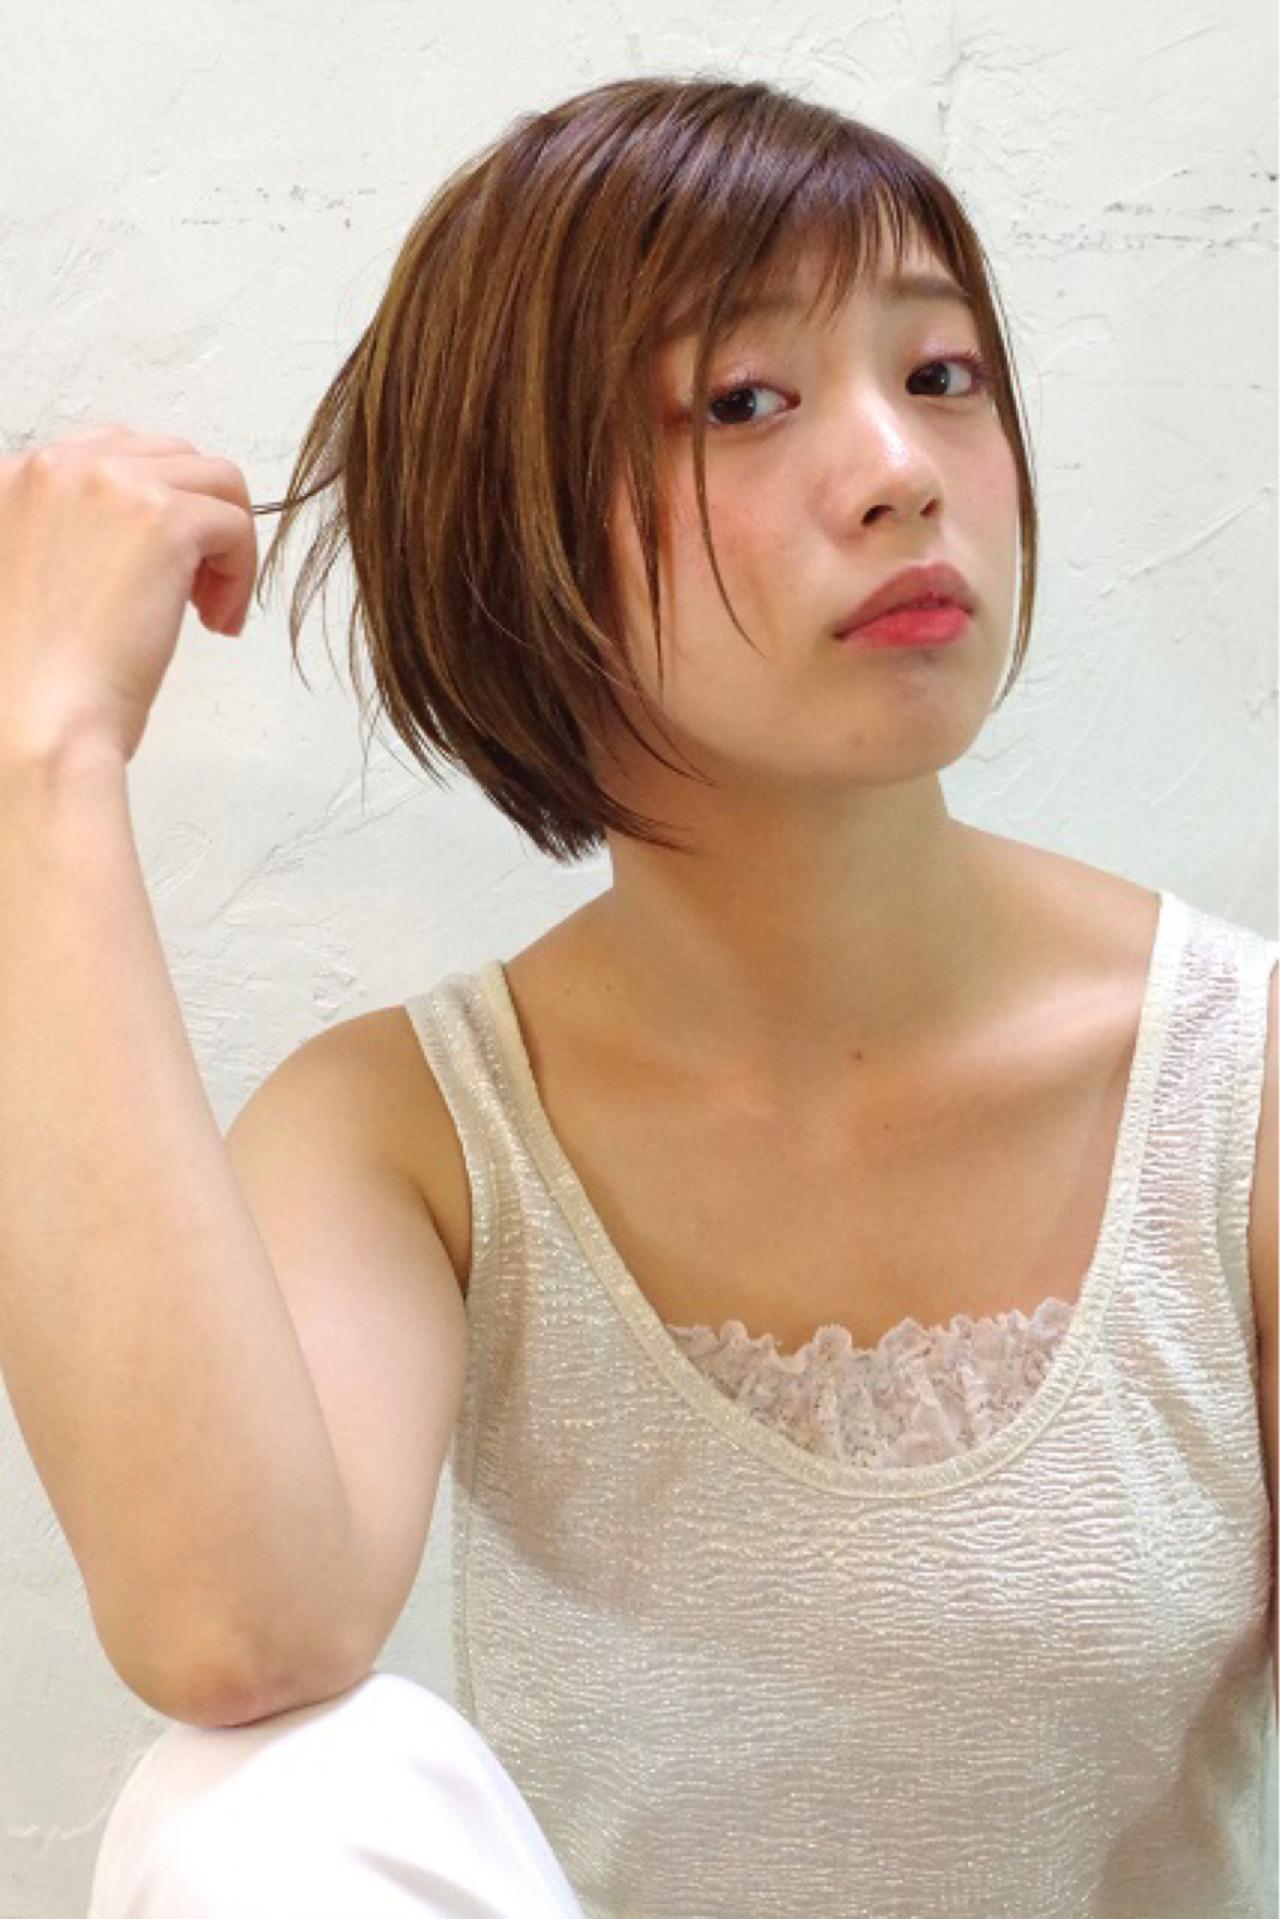 ショート ピュア ウェットヘア ワイドバング ヘアスタイルや髪型の写真・画像 | Nao Kokubun blast / blast